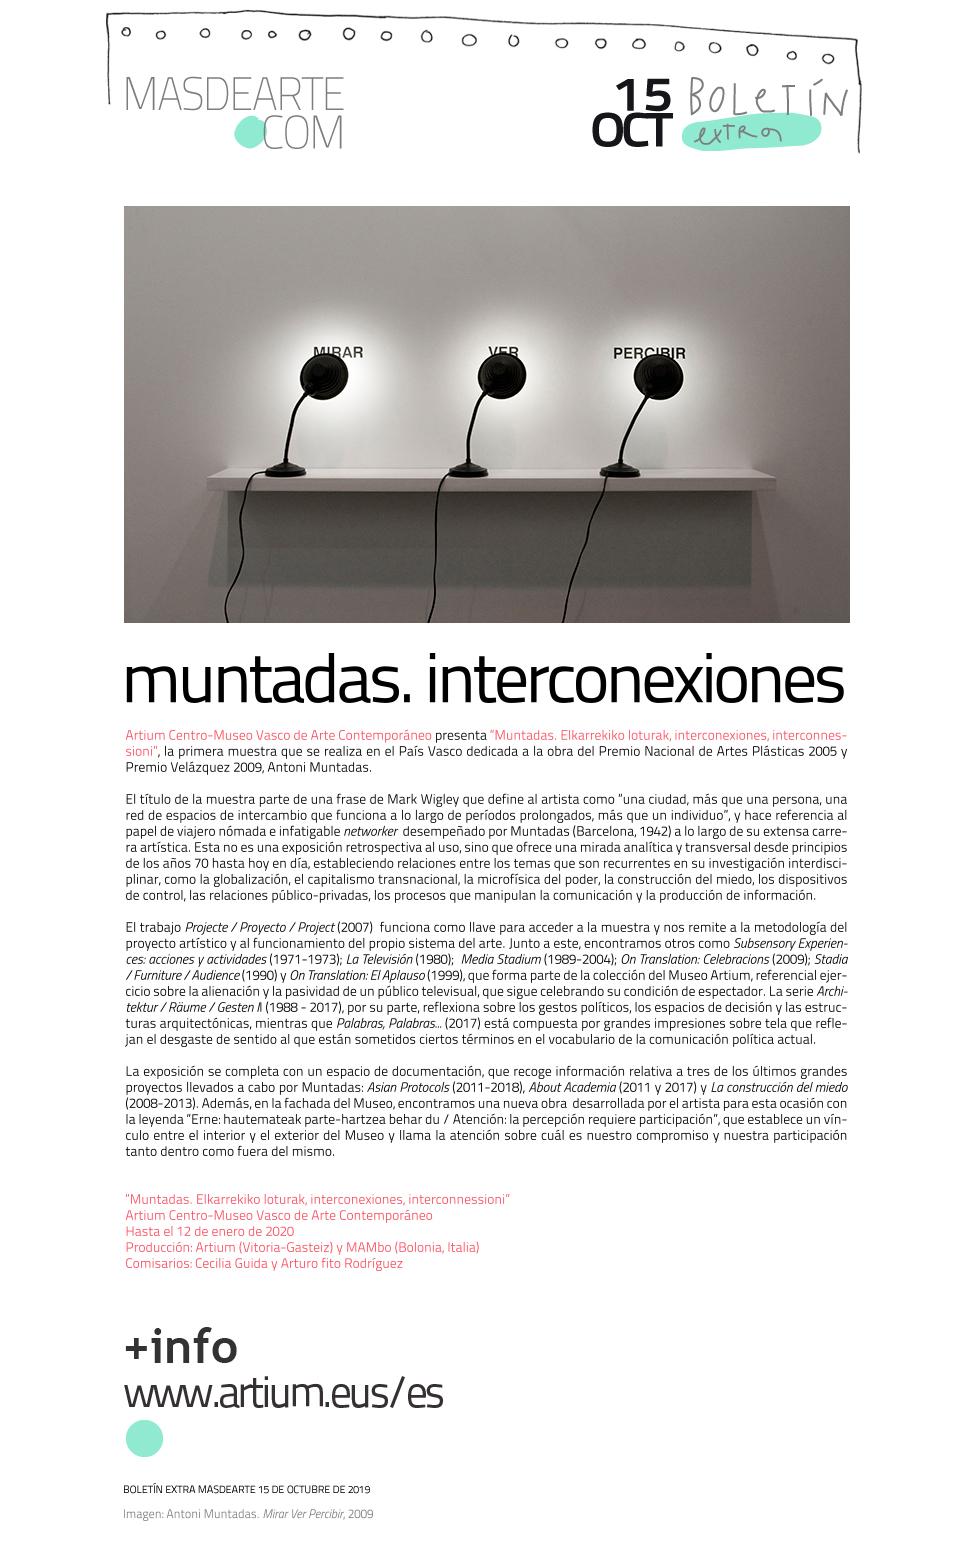 Extra masdearte: Antoni Muntadas. Interconexiones, en ARTIUM. Hasta el 12 de enero de 2020